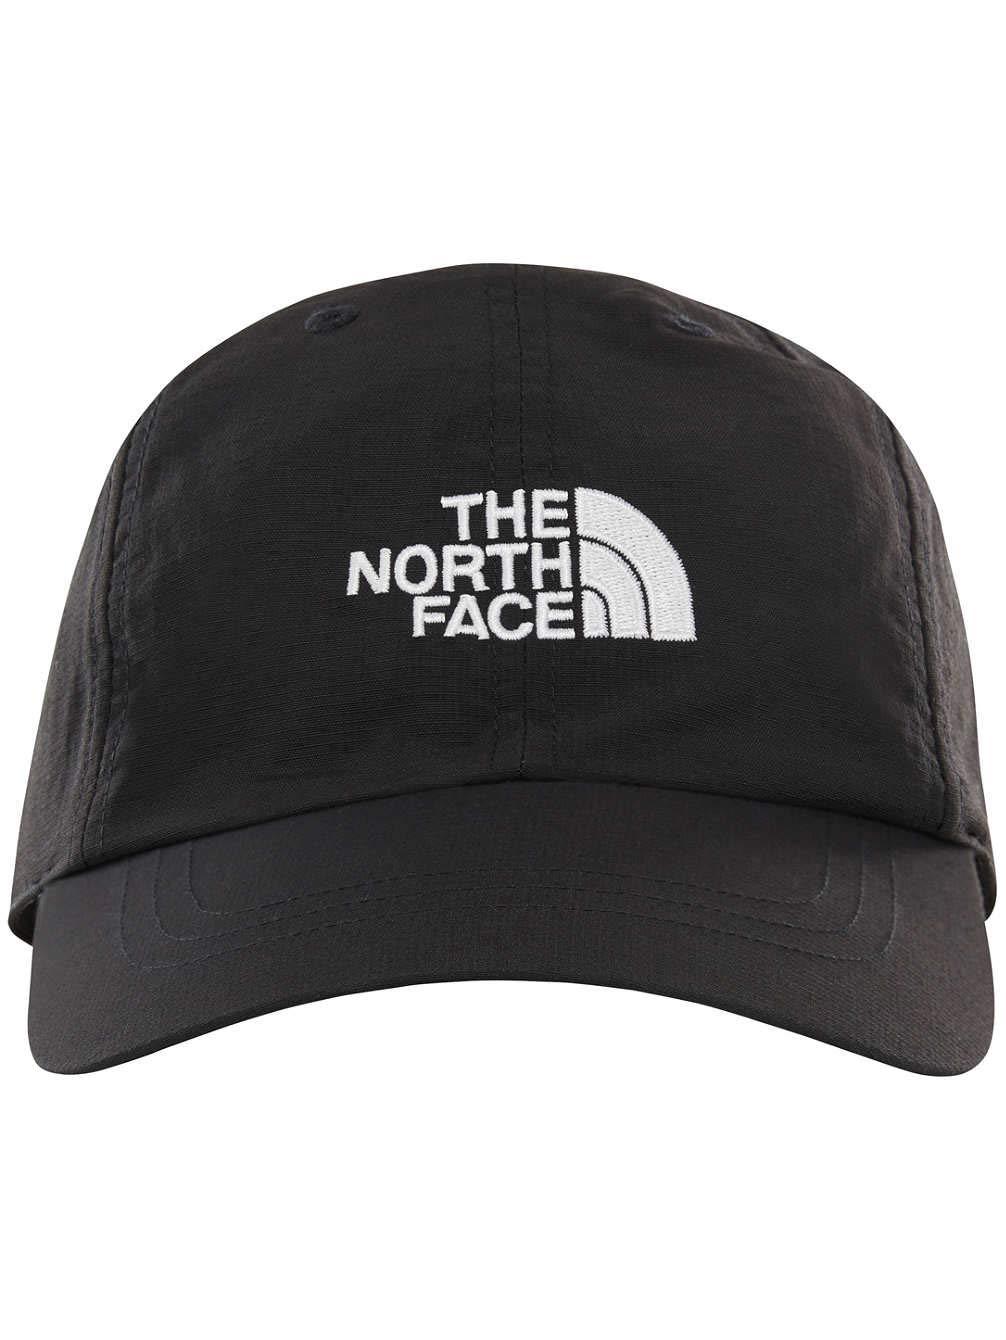 Noir Black//TNF White The North Face Horizon Casquette Mixte Enfant Small